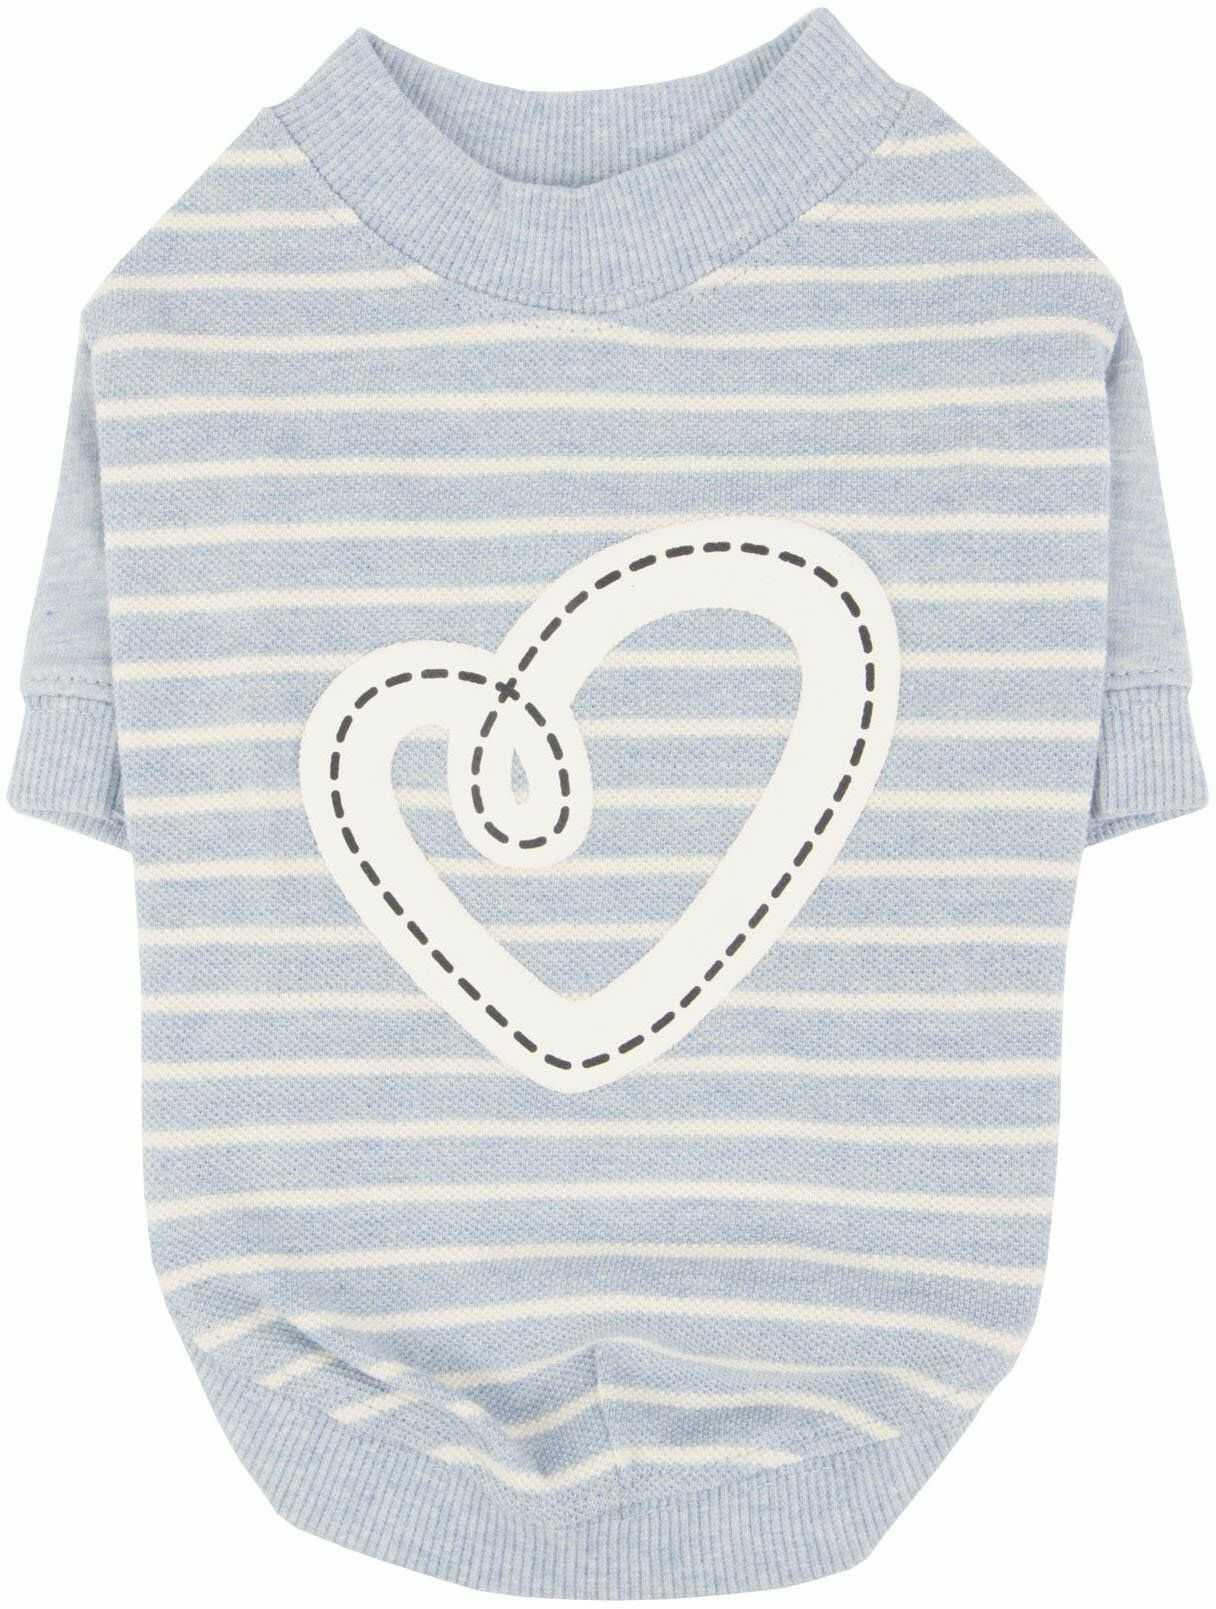 Pinkaholic New York NARA-TS7304-MB-L Ml.Blue Aviana koszulki dla zwierząt domowych, duże